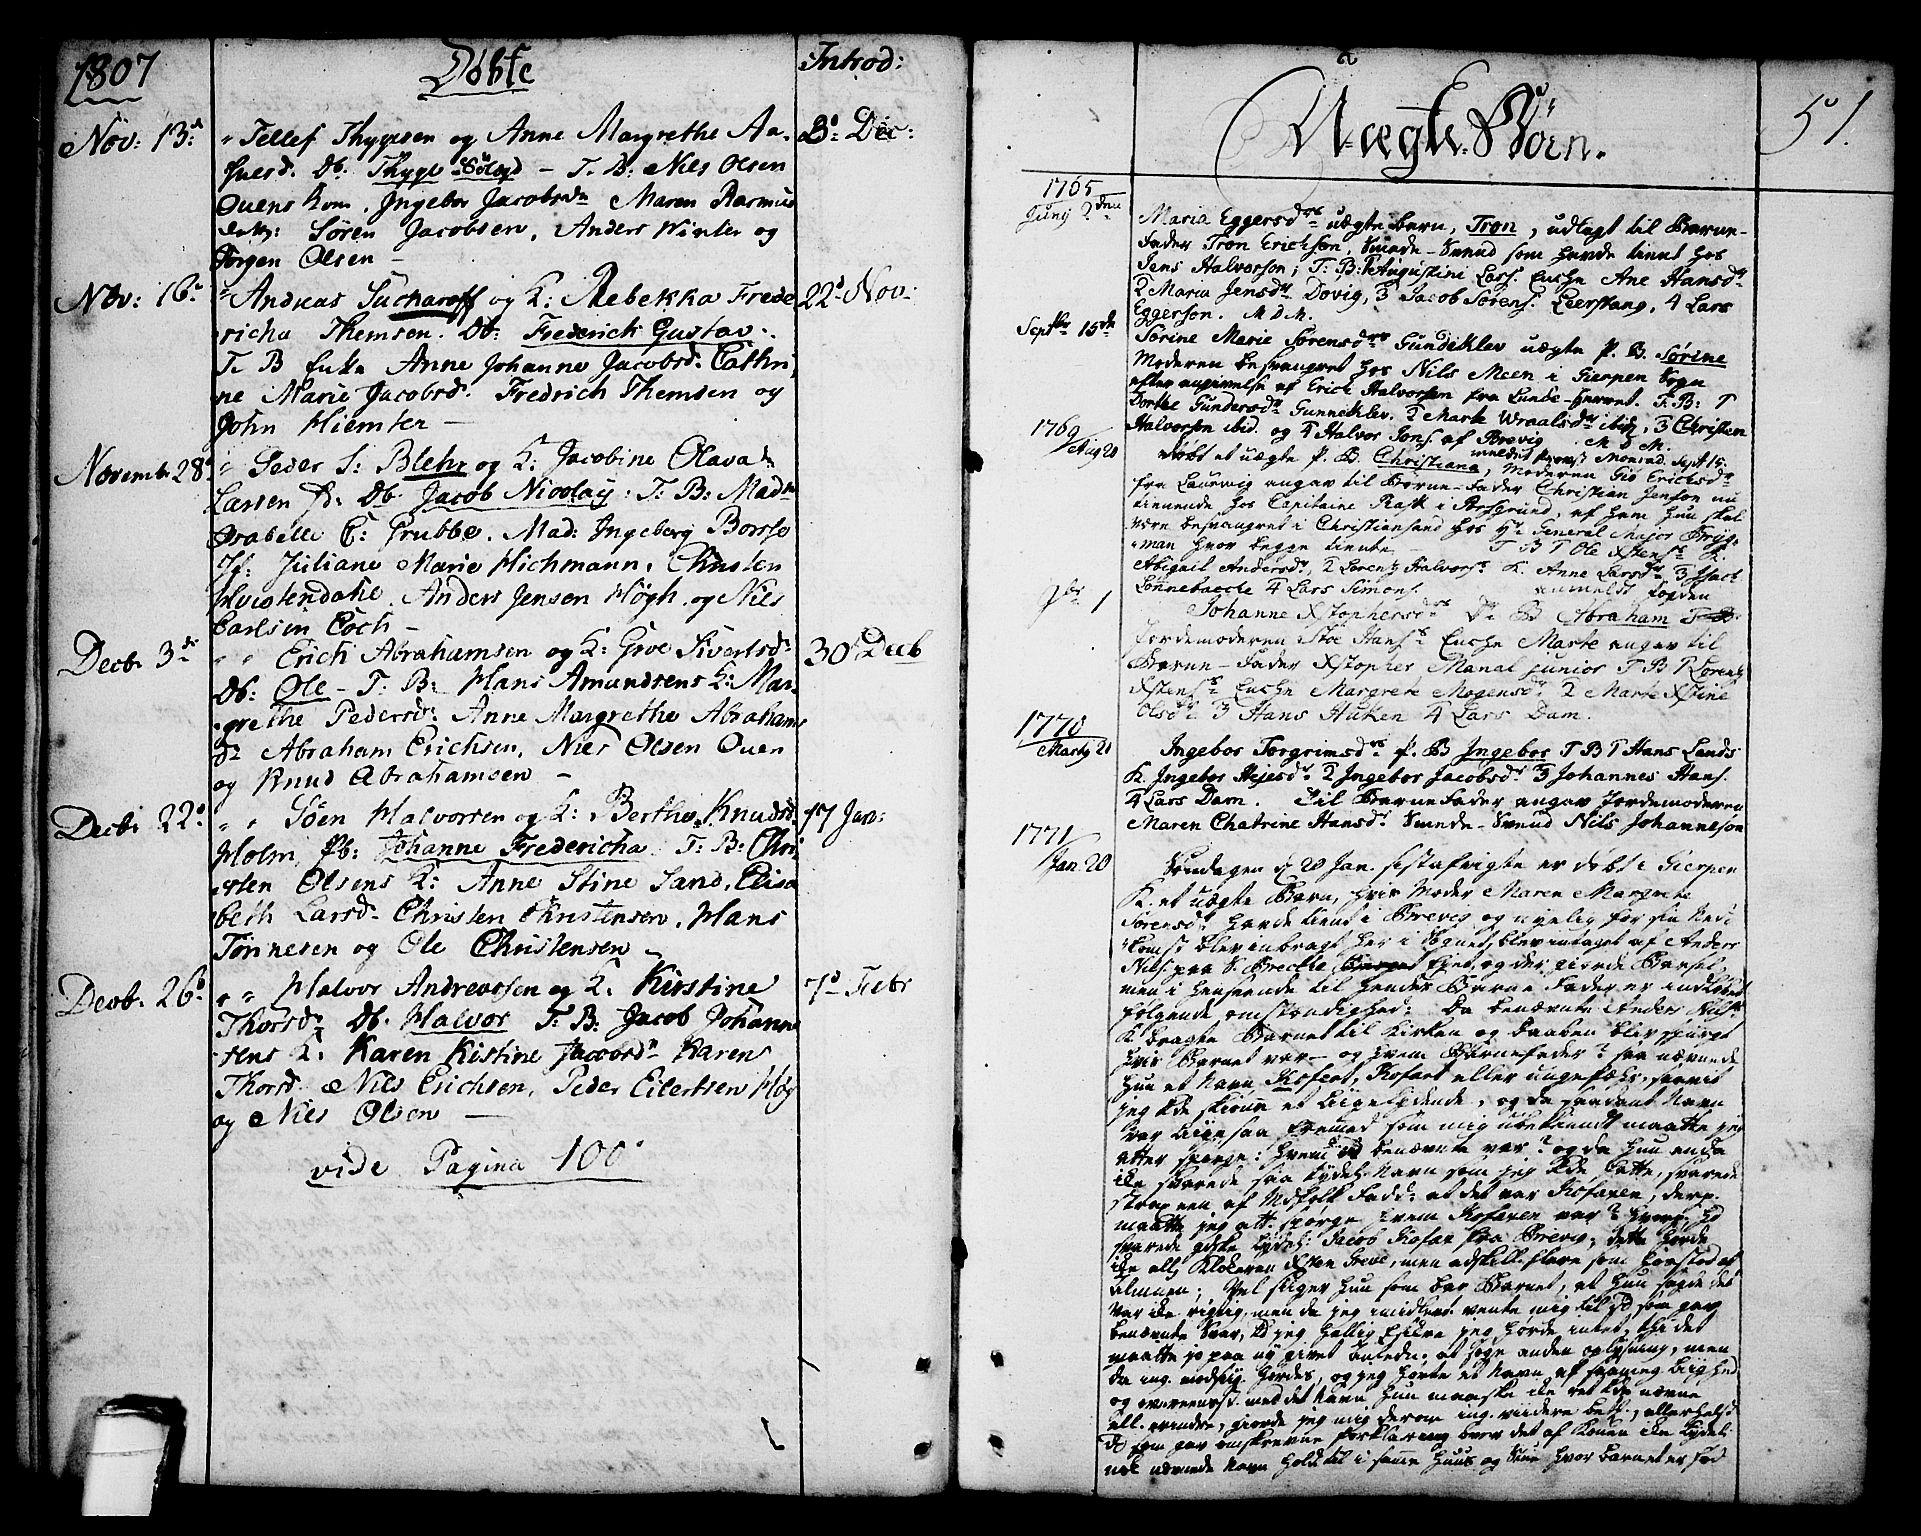 SAKO, Brevik kirkebøker, F/Fa/L0003: Ministerialbok nr. 3, 1764-1814, s. 51